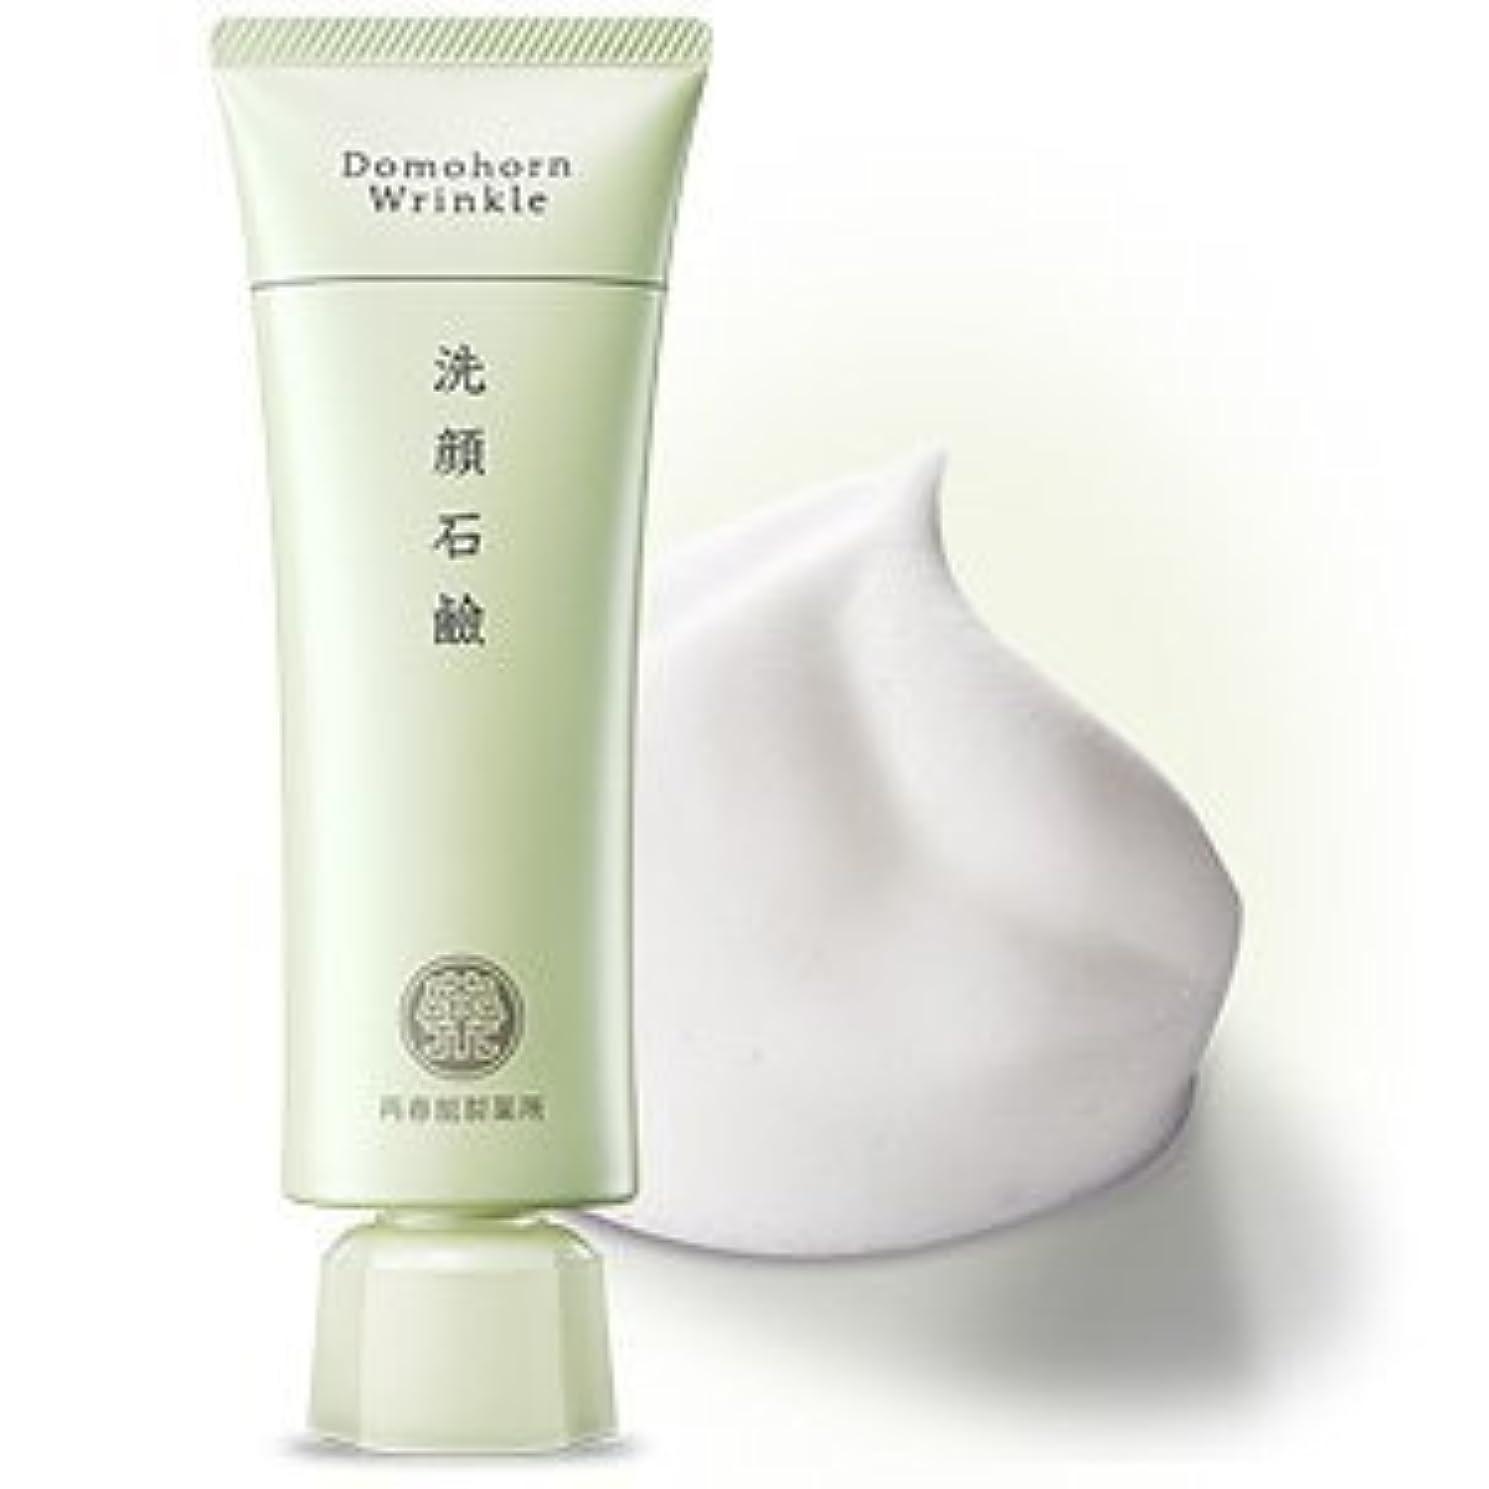 くぼみブルーベル香ばしい【濃密泡で毛穴対策にも】ドモホルンリンクル 洗顔石鹸 約60日分